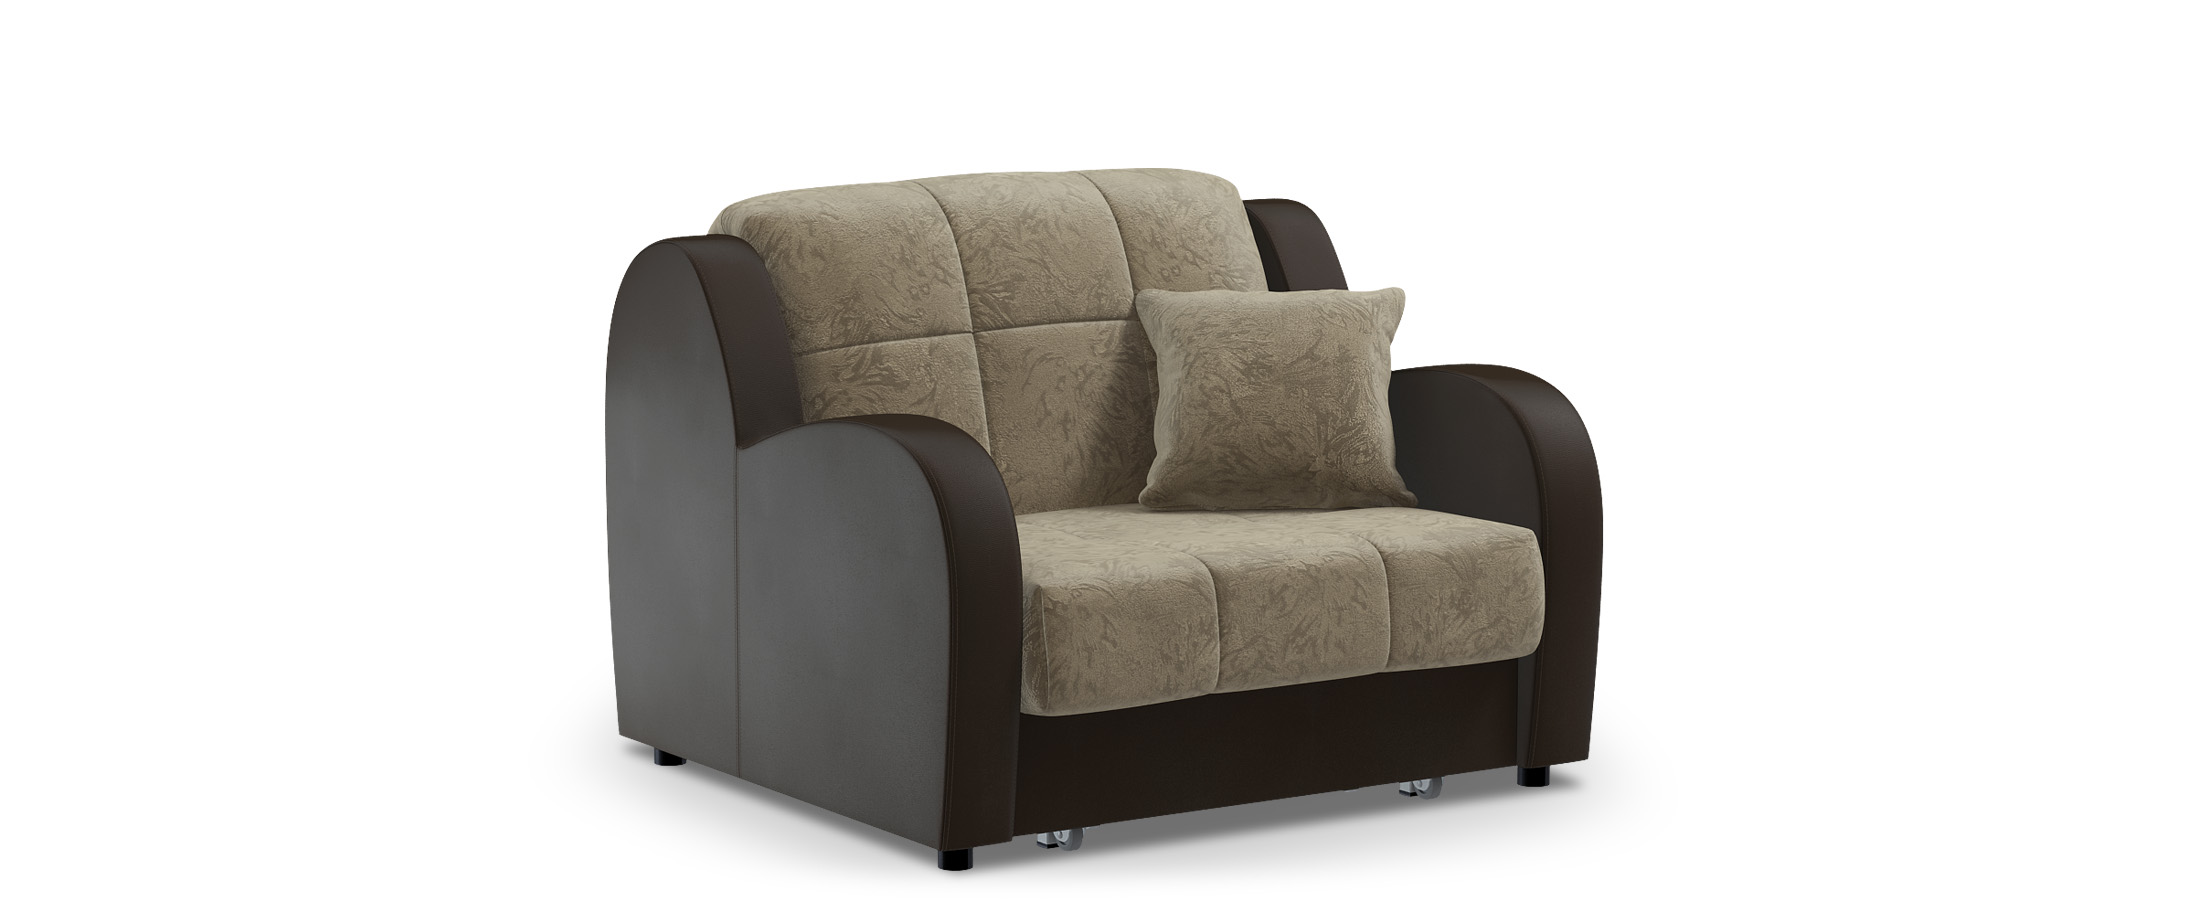 Кресло раскладное Барон 022Купить бежевое кресло-кровать Барон 022. Доставка от 1 дня. Подъём, сборка, вынос упаковки. Гарантия 18 месяцев. Интернет-магазин мебели MOON TRADE. Артикул: 001176.<br>